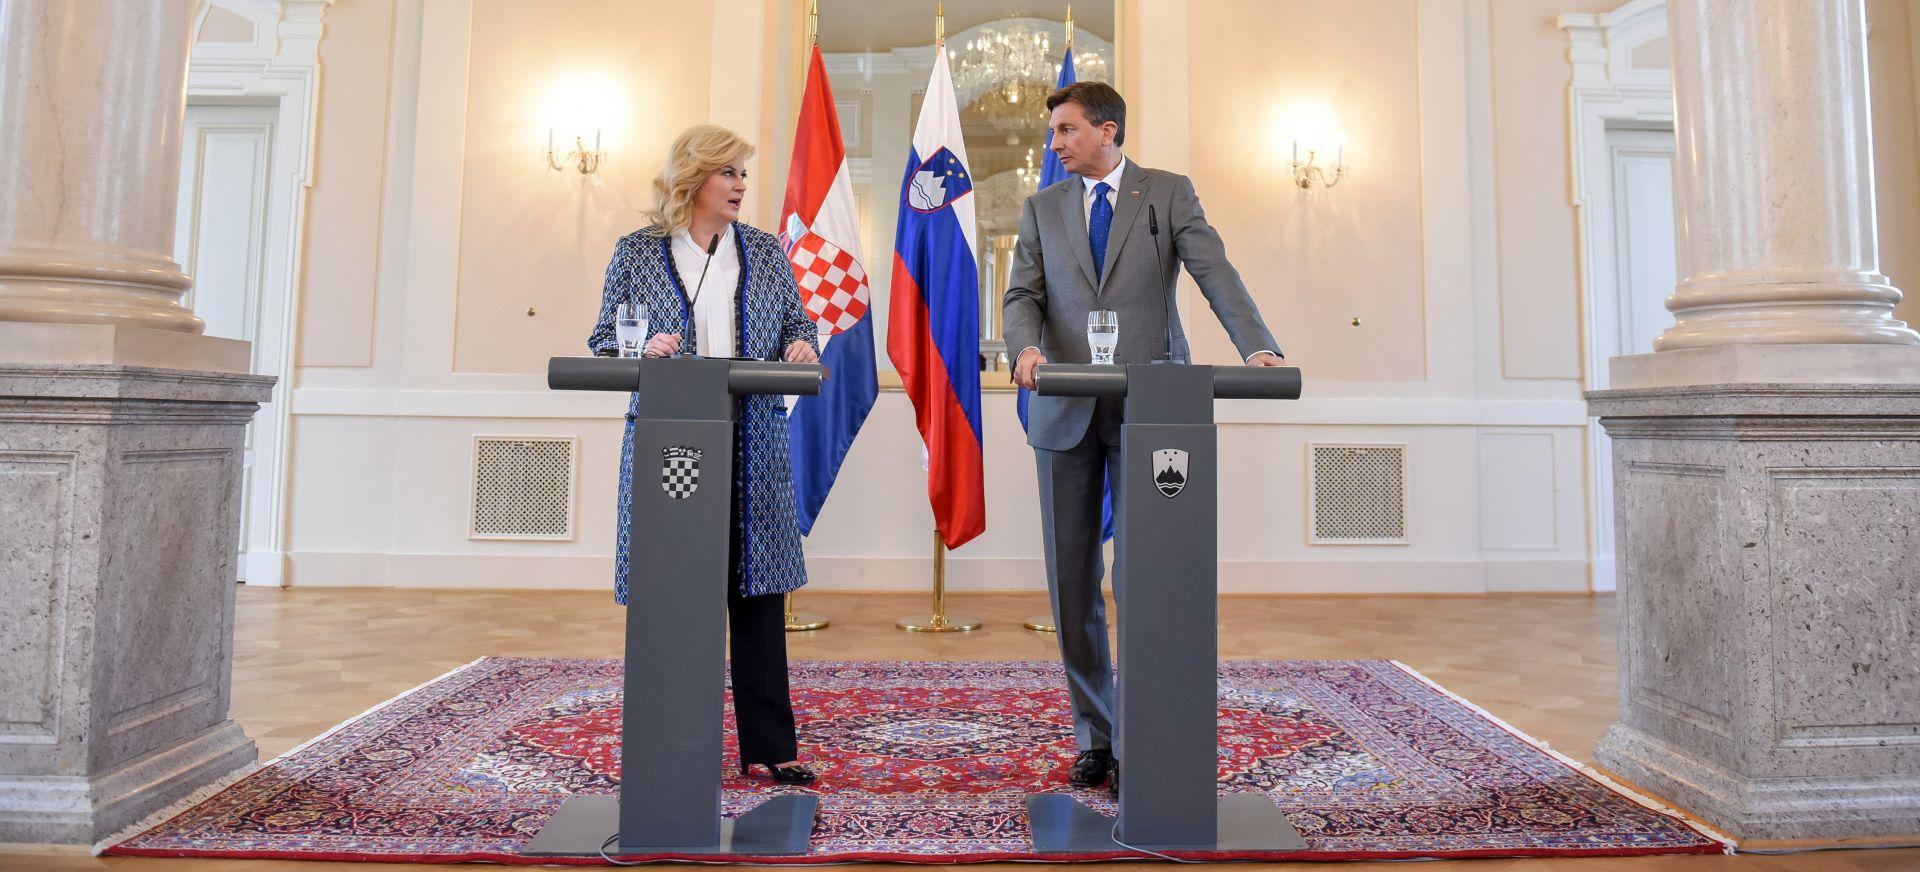 Pahor se hrvatskoj predsjednici požalio na hrvatska uzgajališta školjaka u Savudrijskoj vali